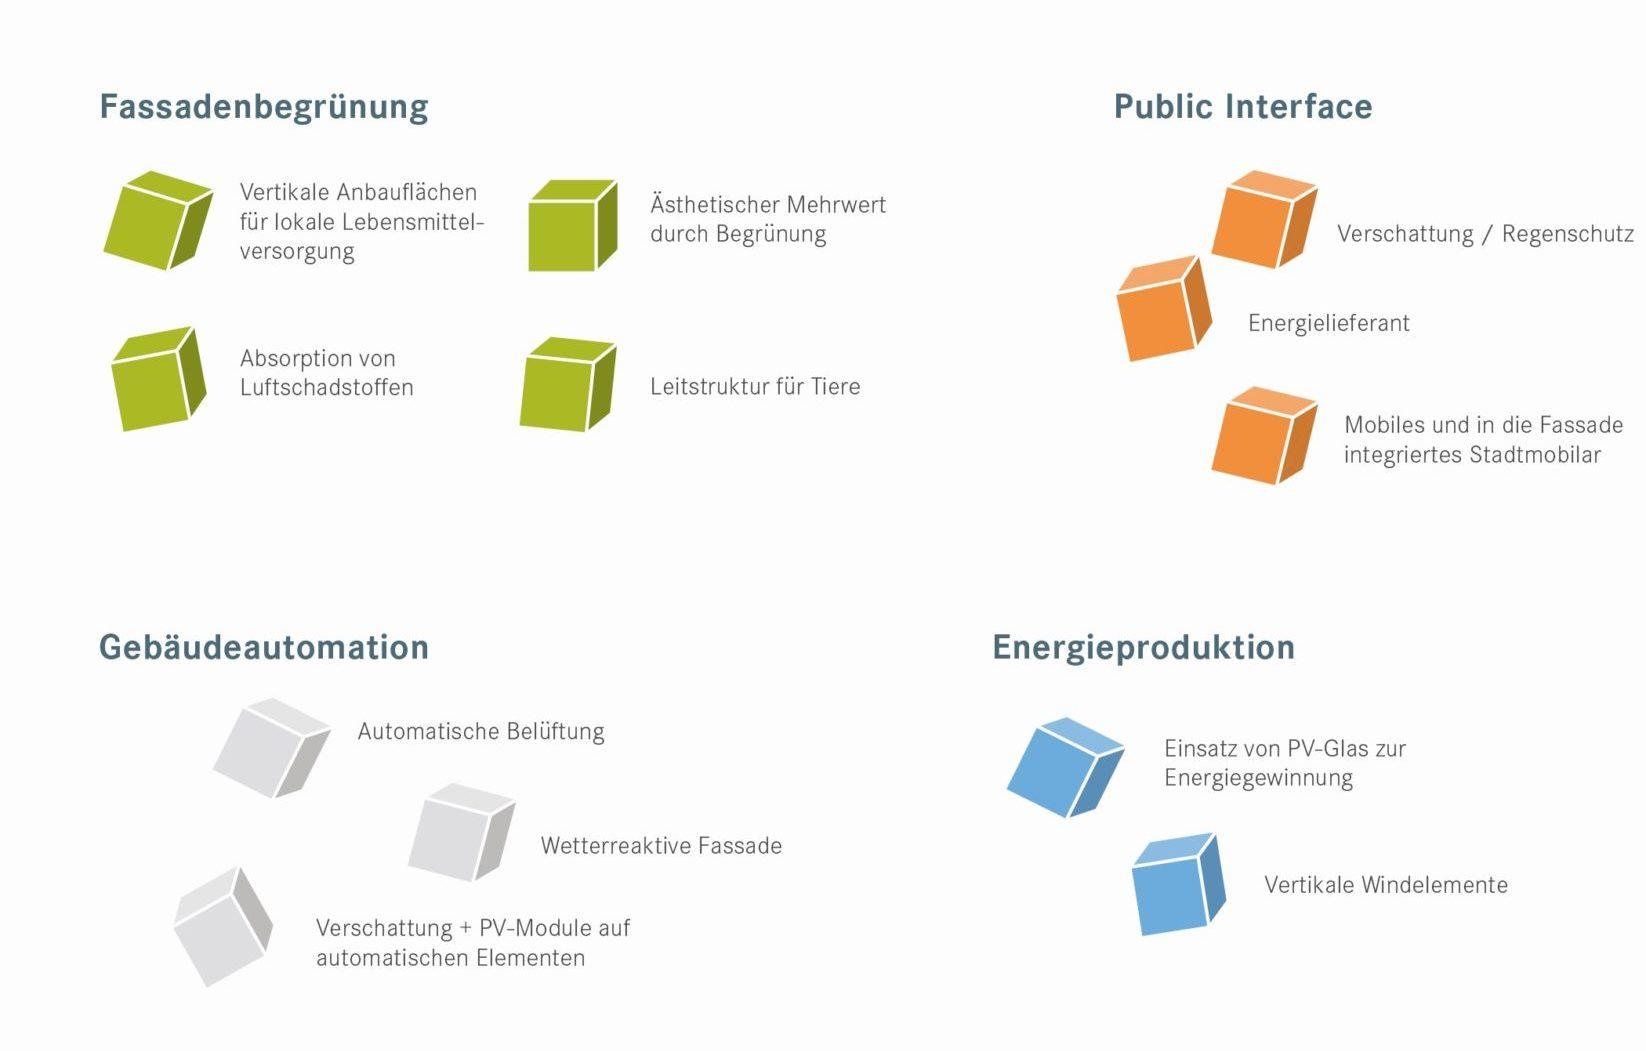 Für den Anwendungsfall Urbane Oberflächen können die im hier gezeigten Bild berücksichtigt werden.